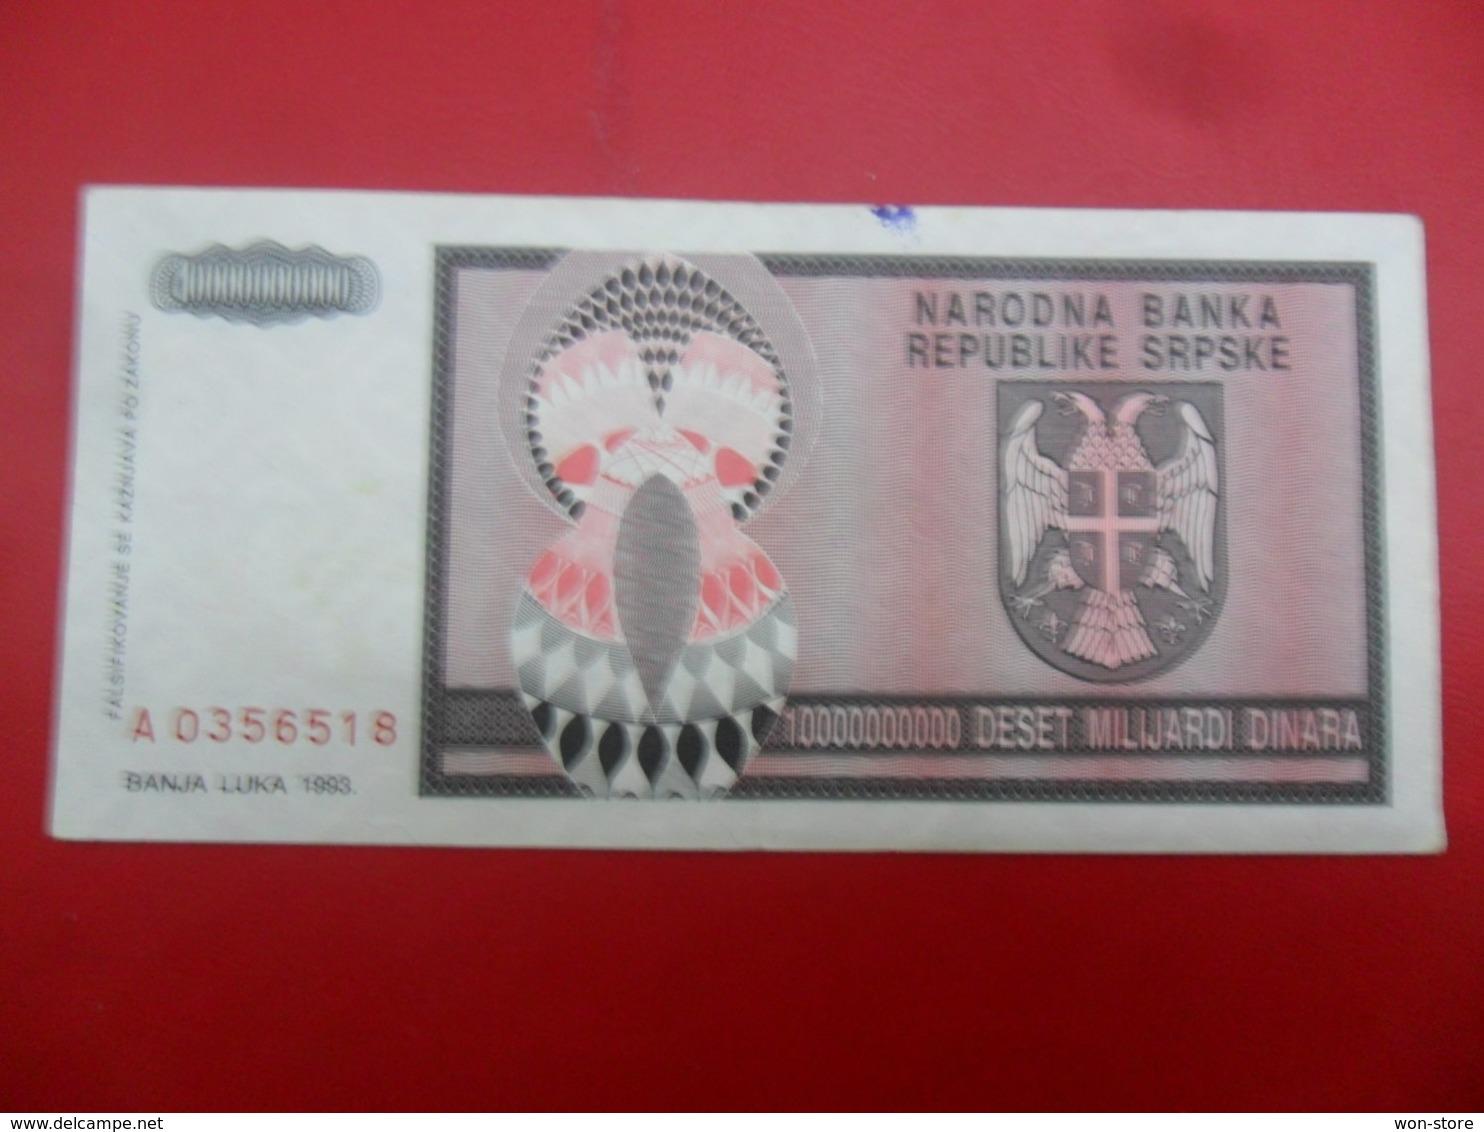 NB Republika Srpska 10,000,000,000 Dinara 1993, P-148a, Price For 1 Pcs - Bosnia Erzegovina